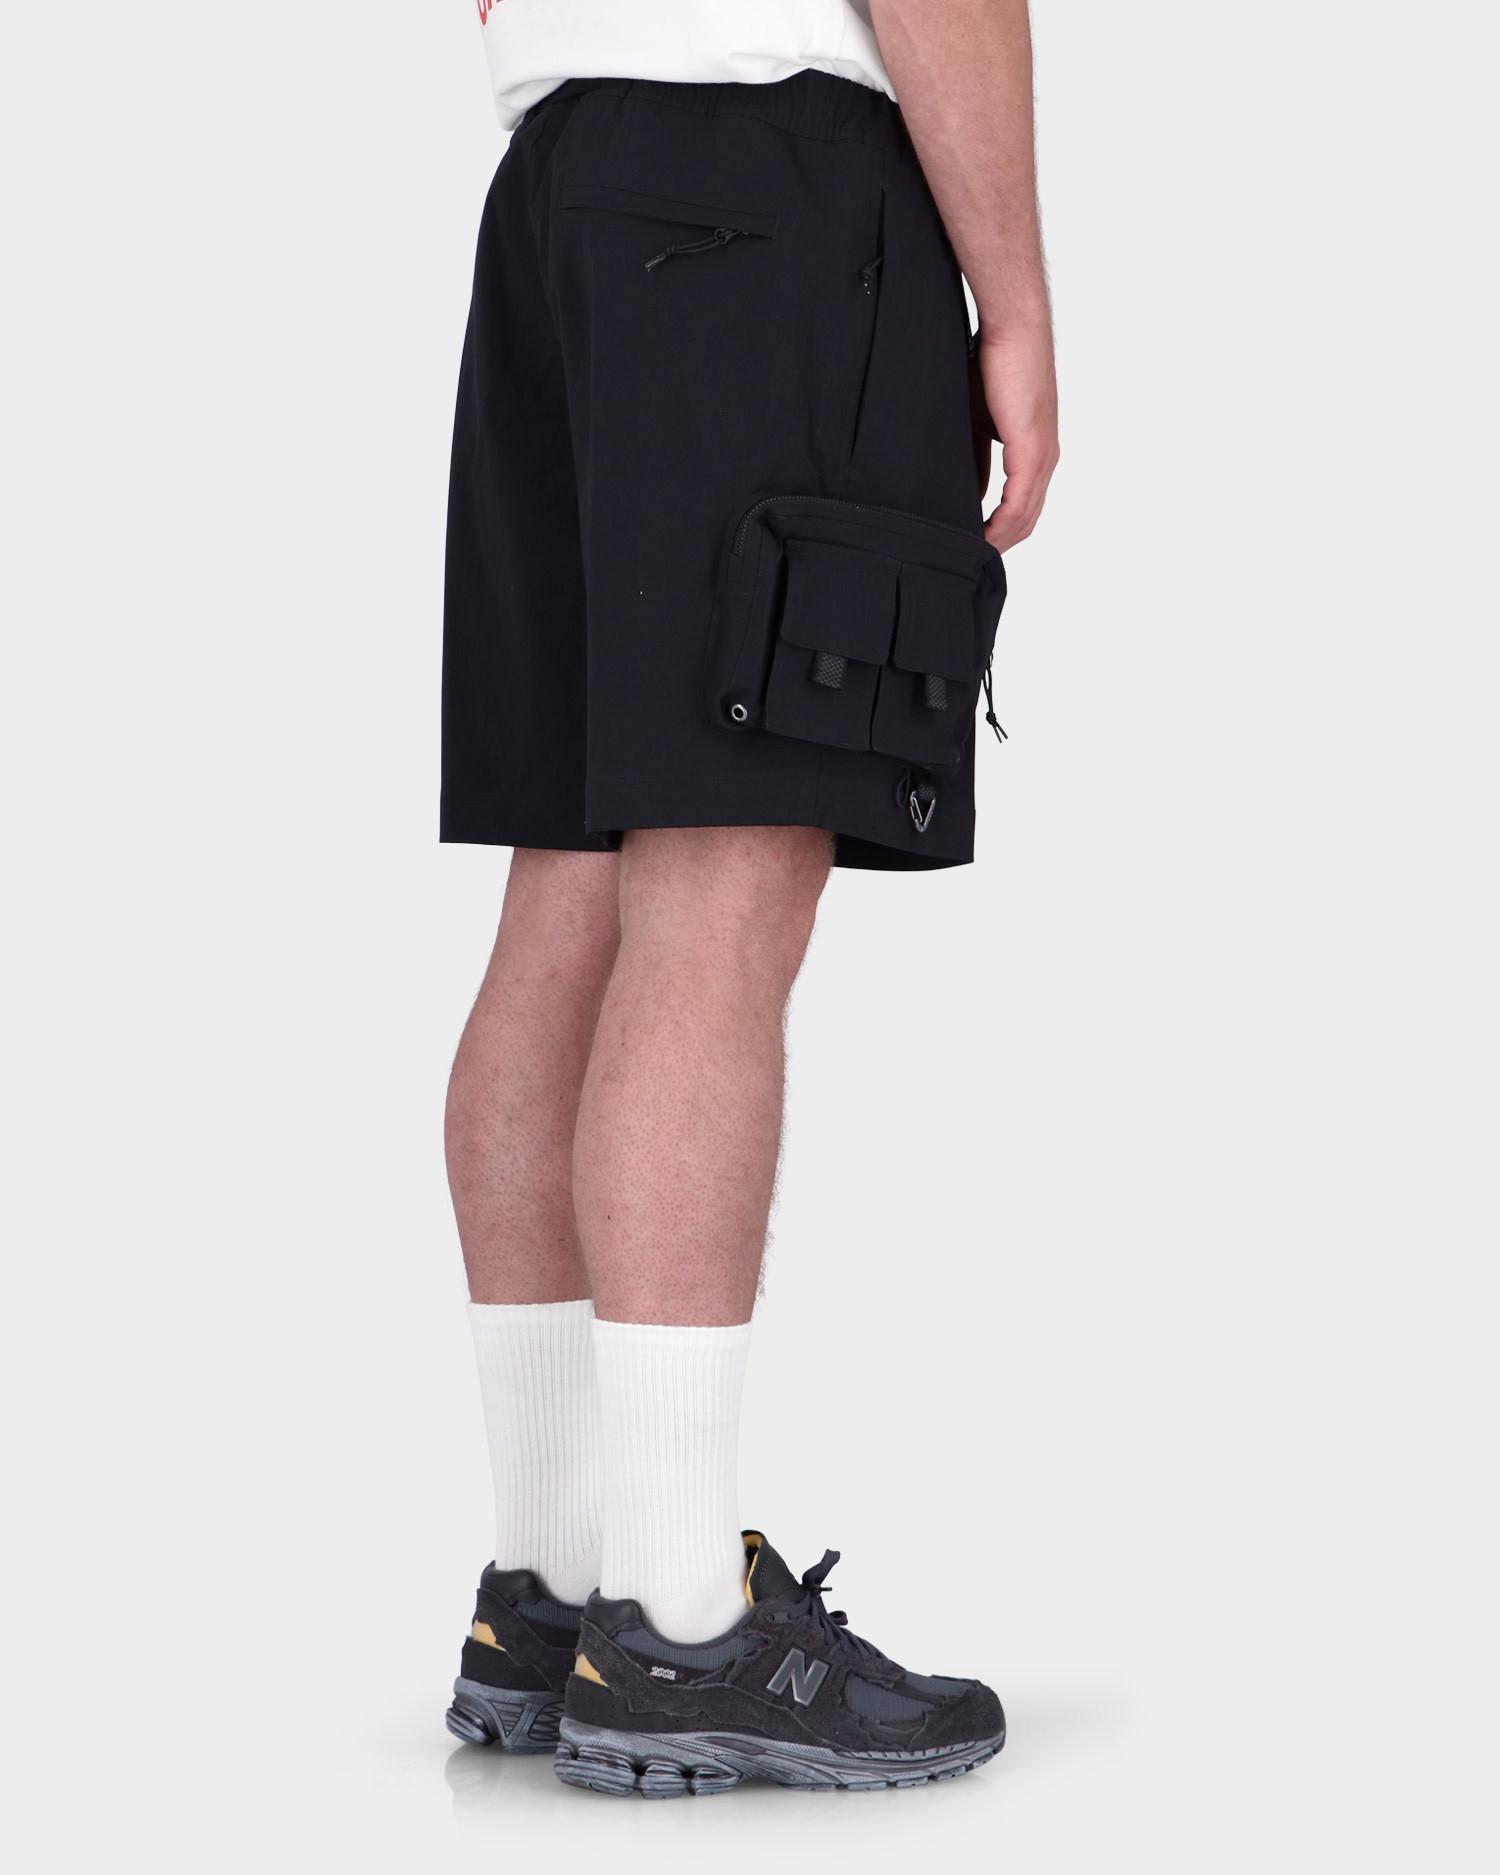 Nike M NRG ACG Cargo Shorts Black